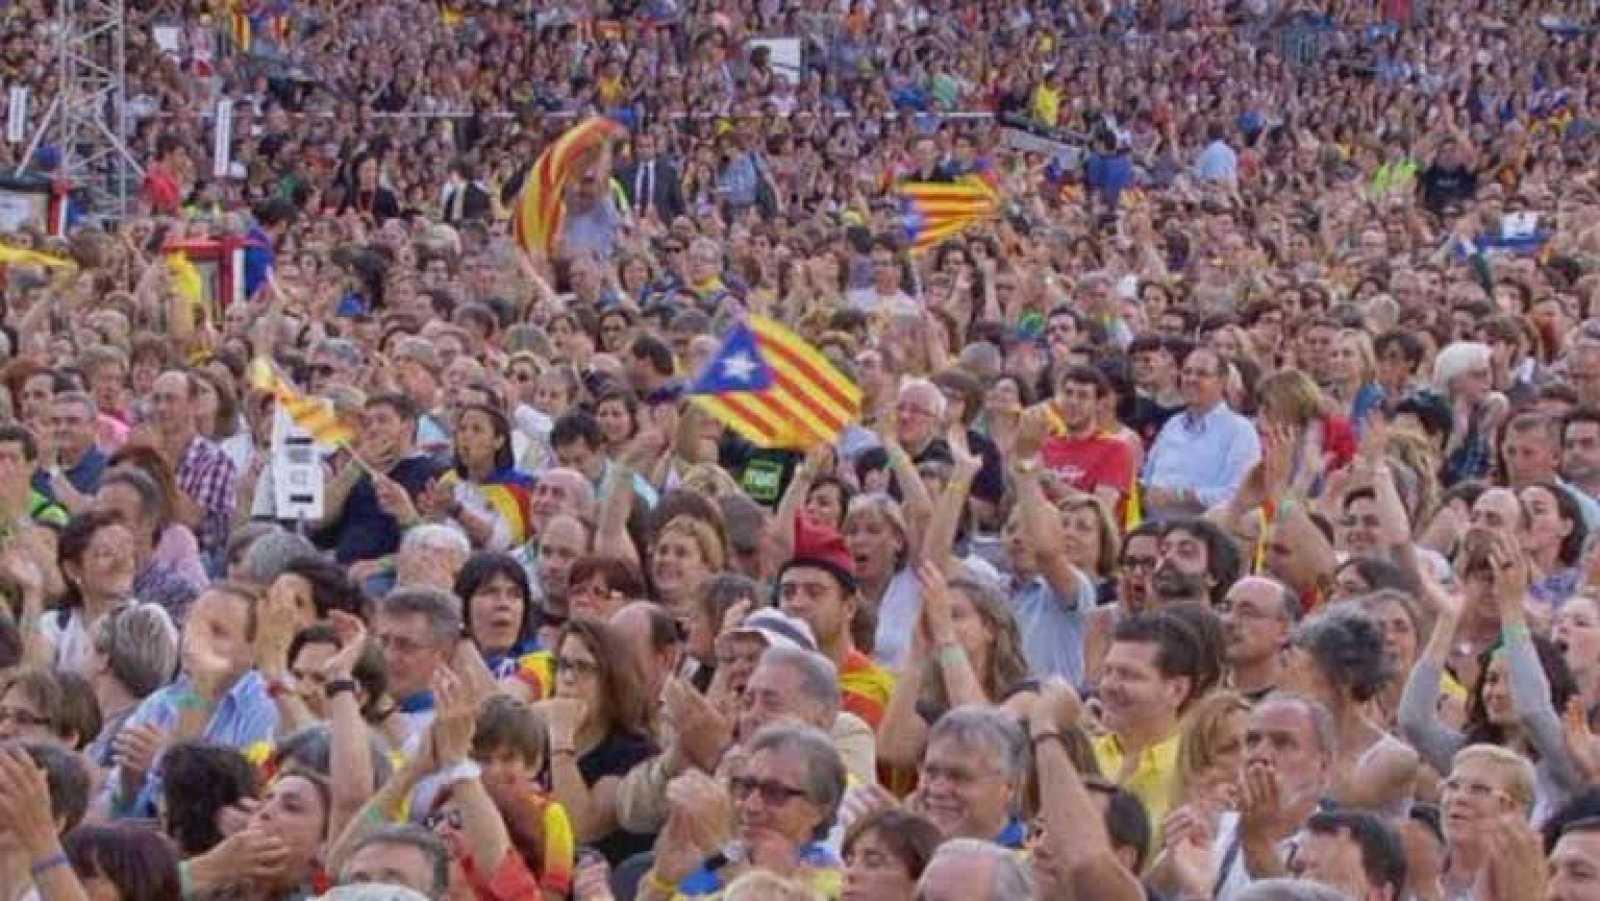 Concierto en Barcelona por la independencia